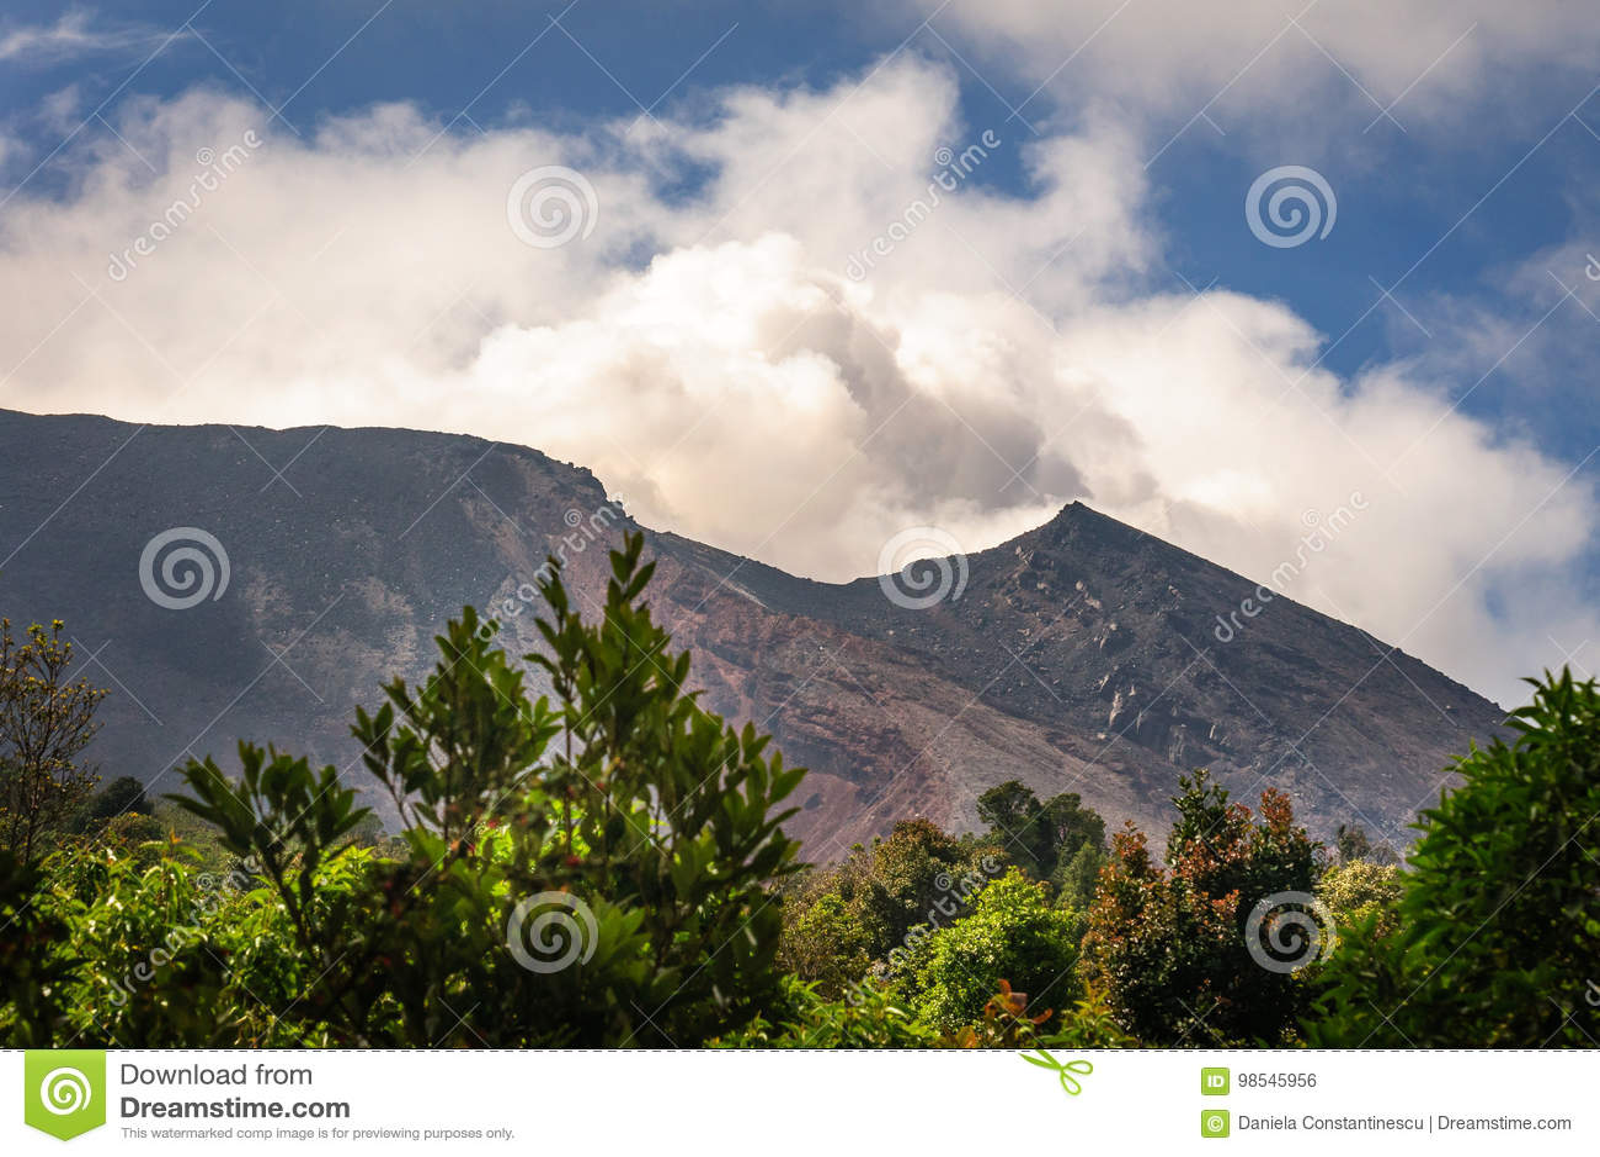 Una certa attività di Strombolian a Volcano Pacaya, Guatemala